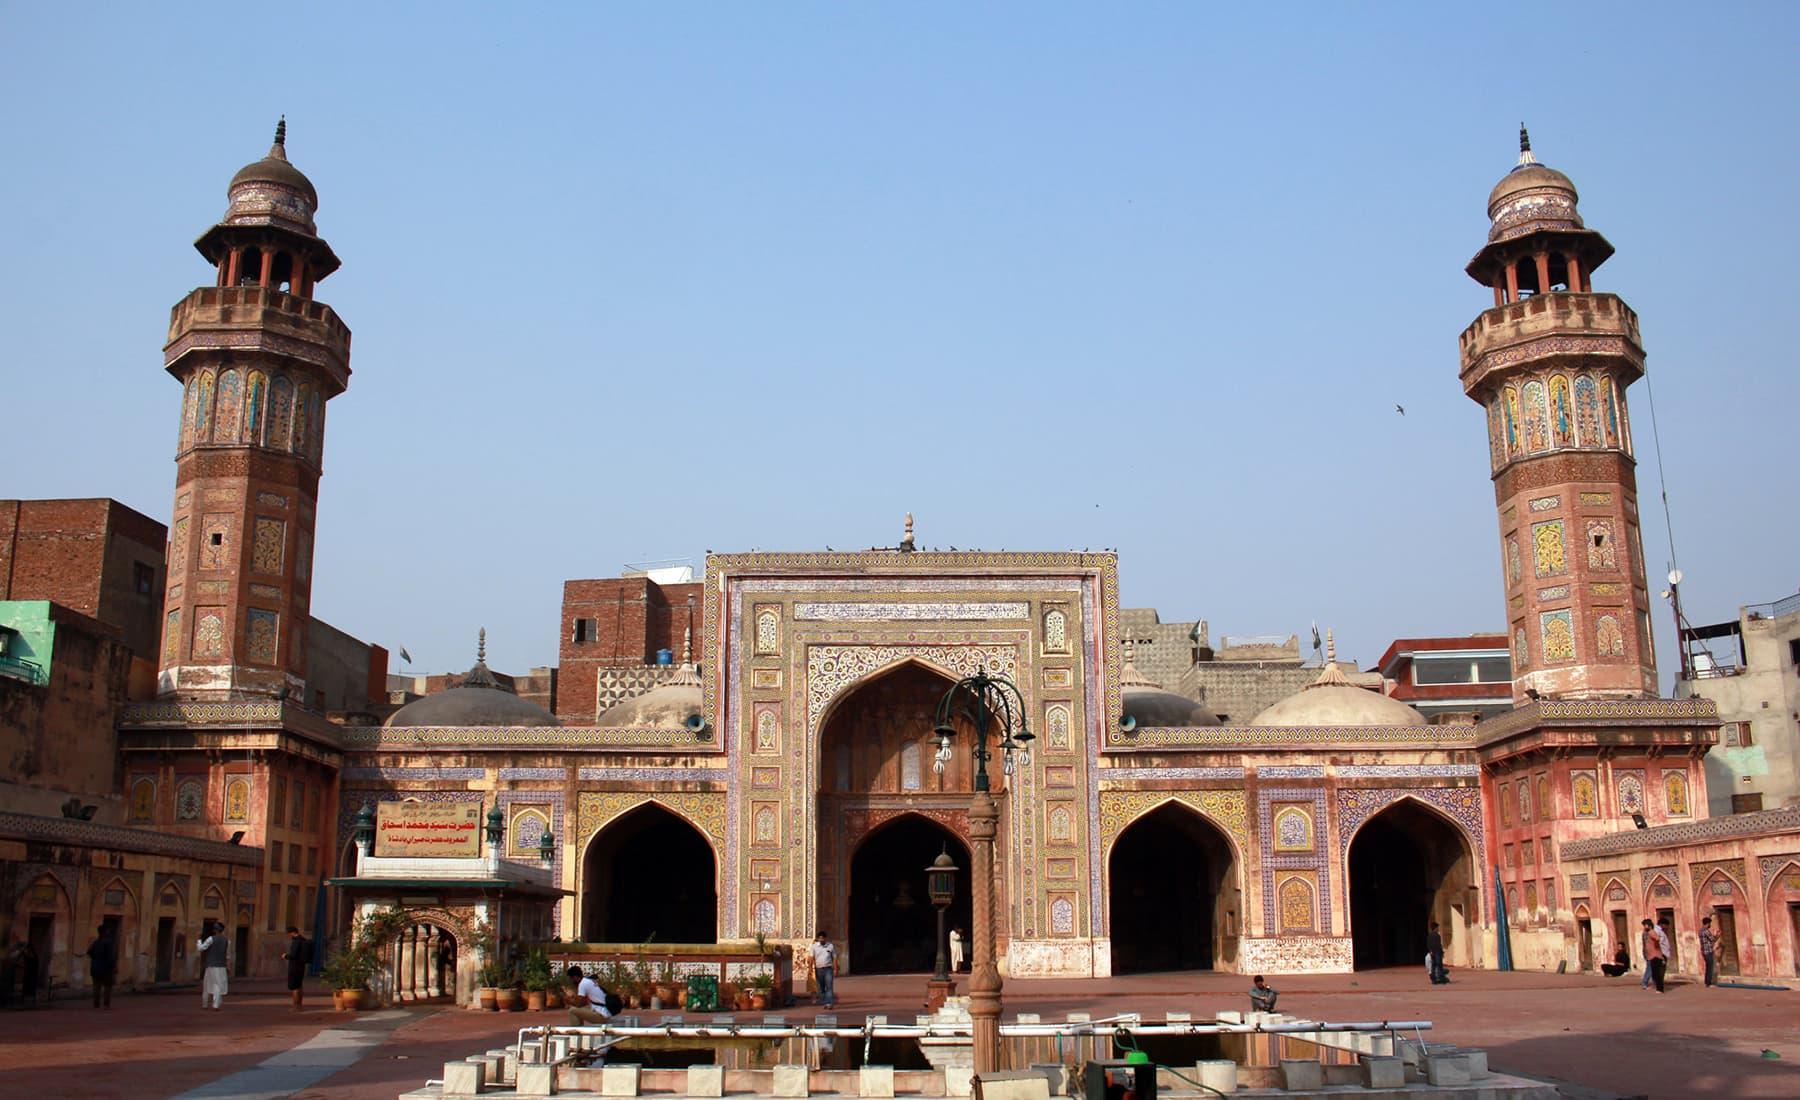 مسجد وزیر خان لاہور —تصویر عبیداللہ کیہر